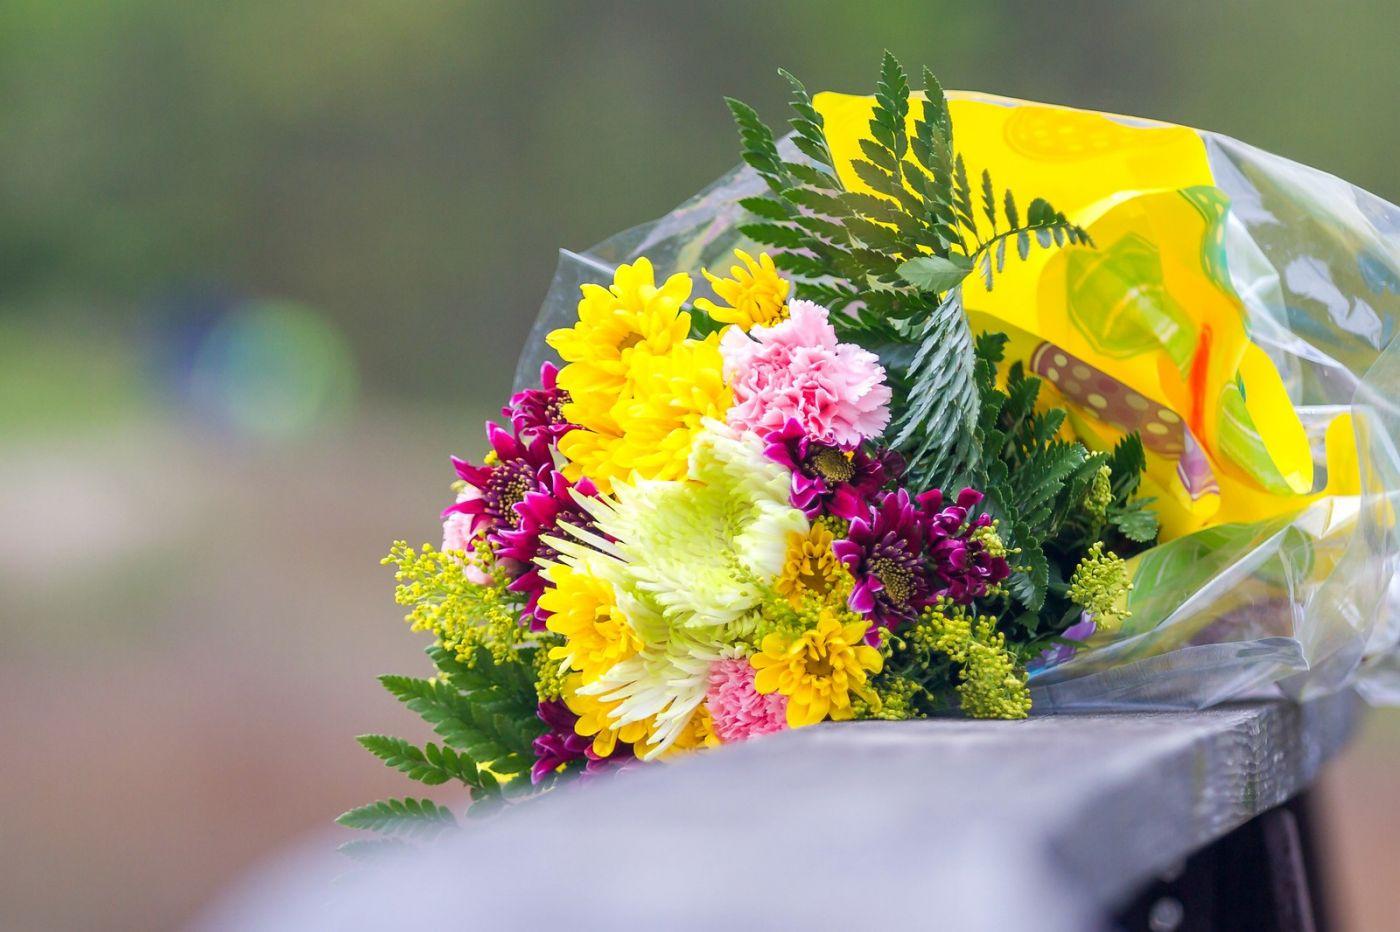 一束花的畅想_图1-11